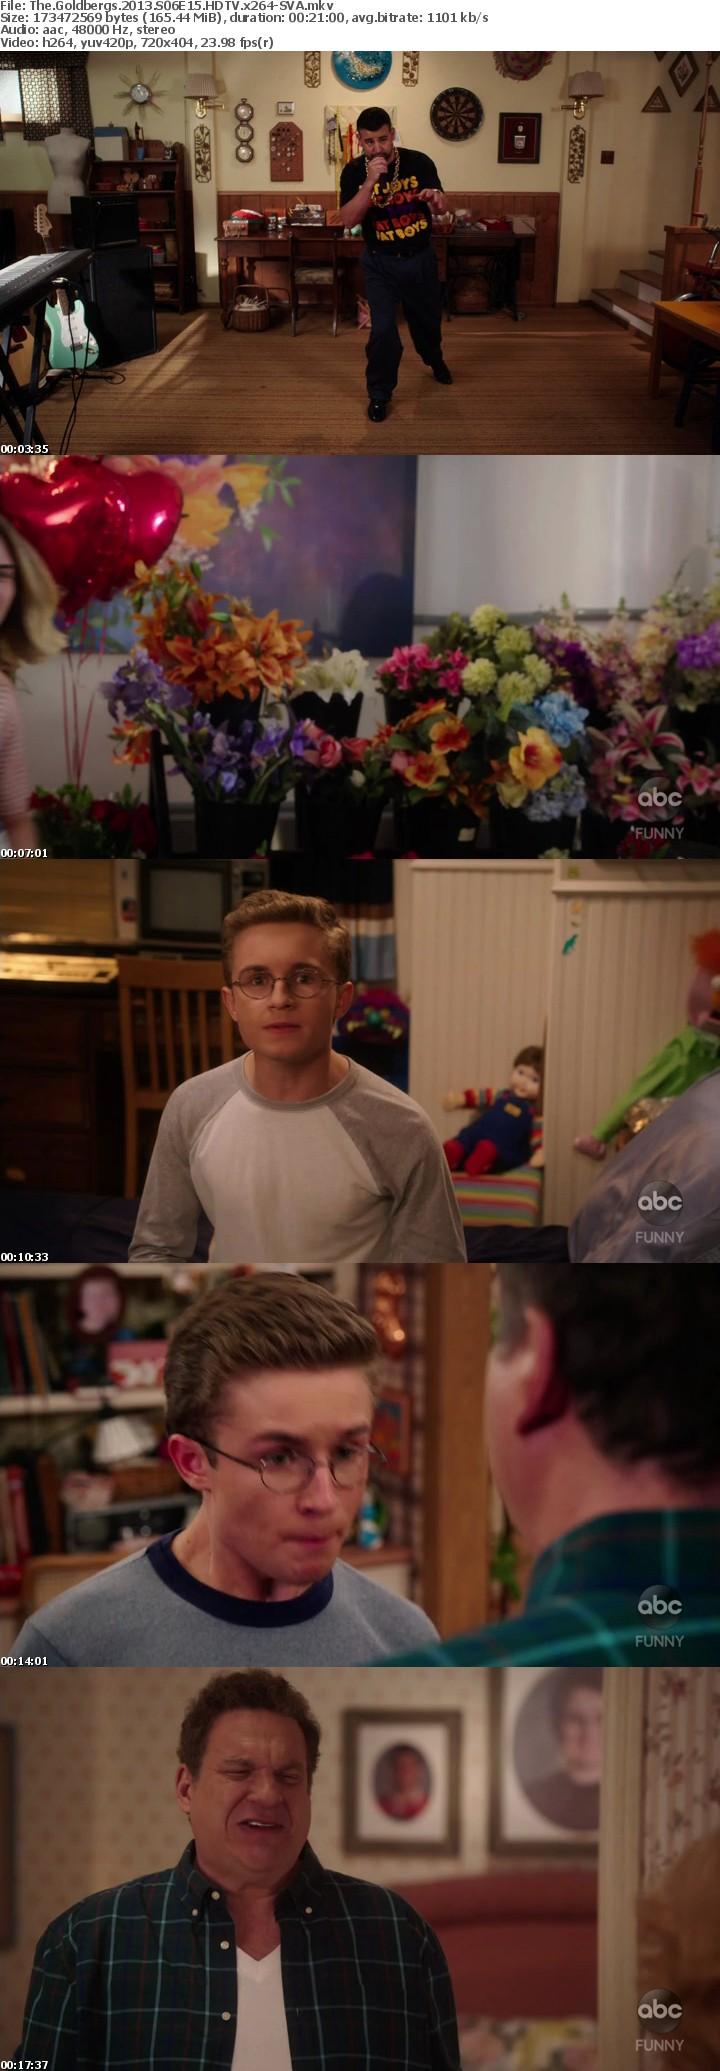 The Goldbergs 2013 S06E15 HDTV x264-SVA